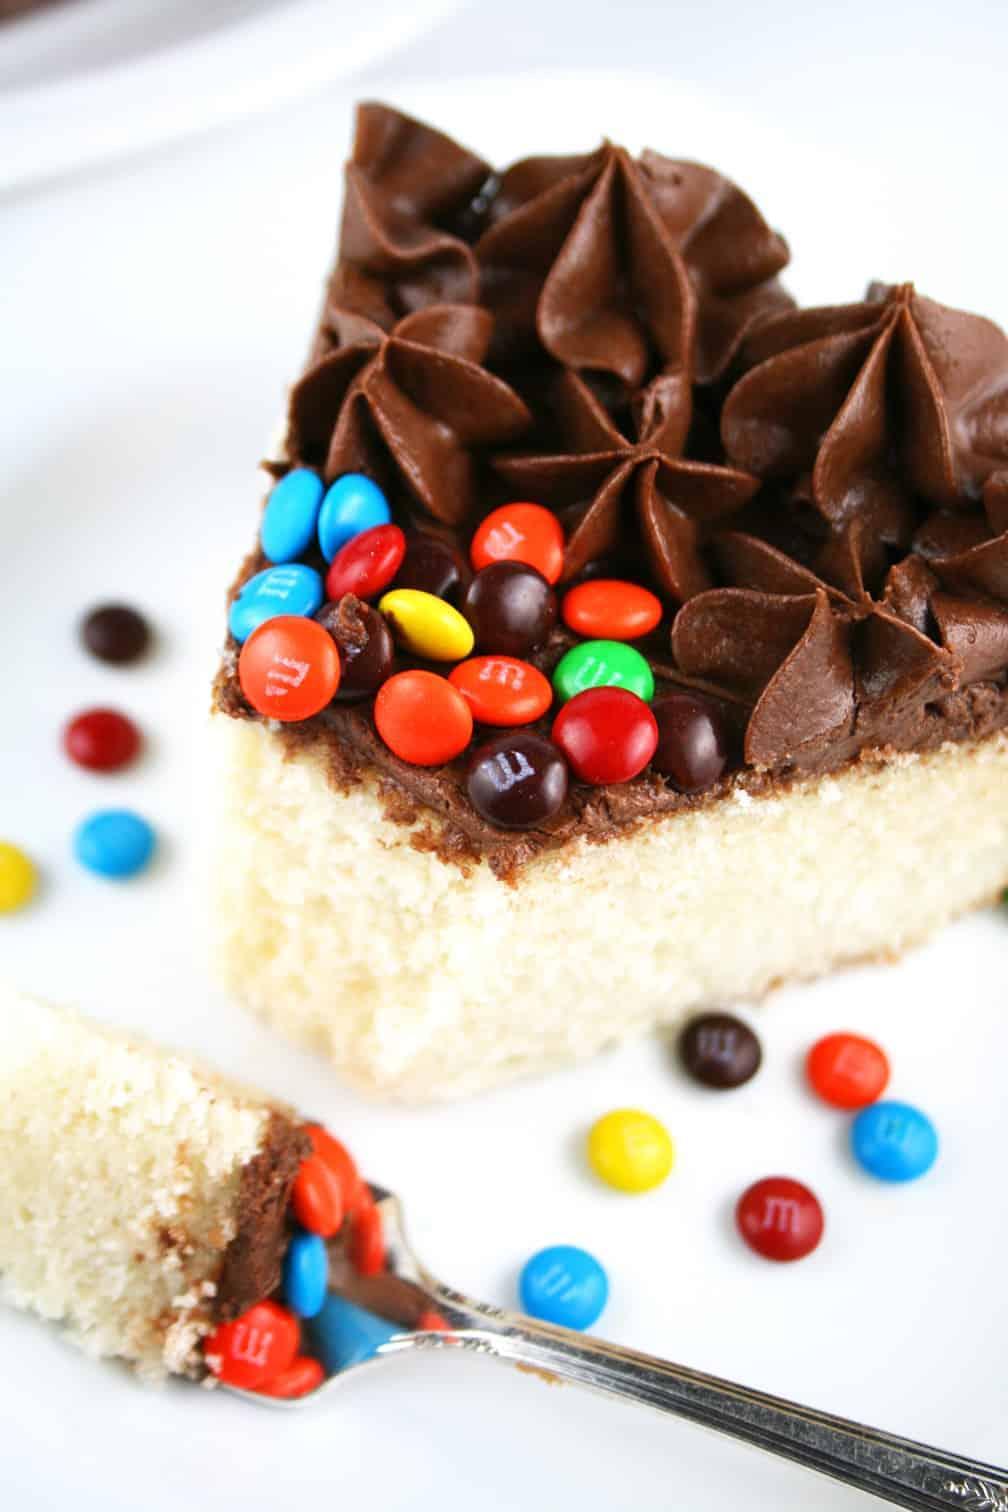 CakeSlice3